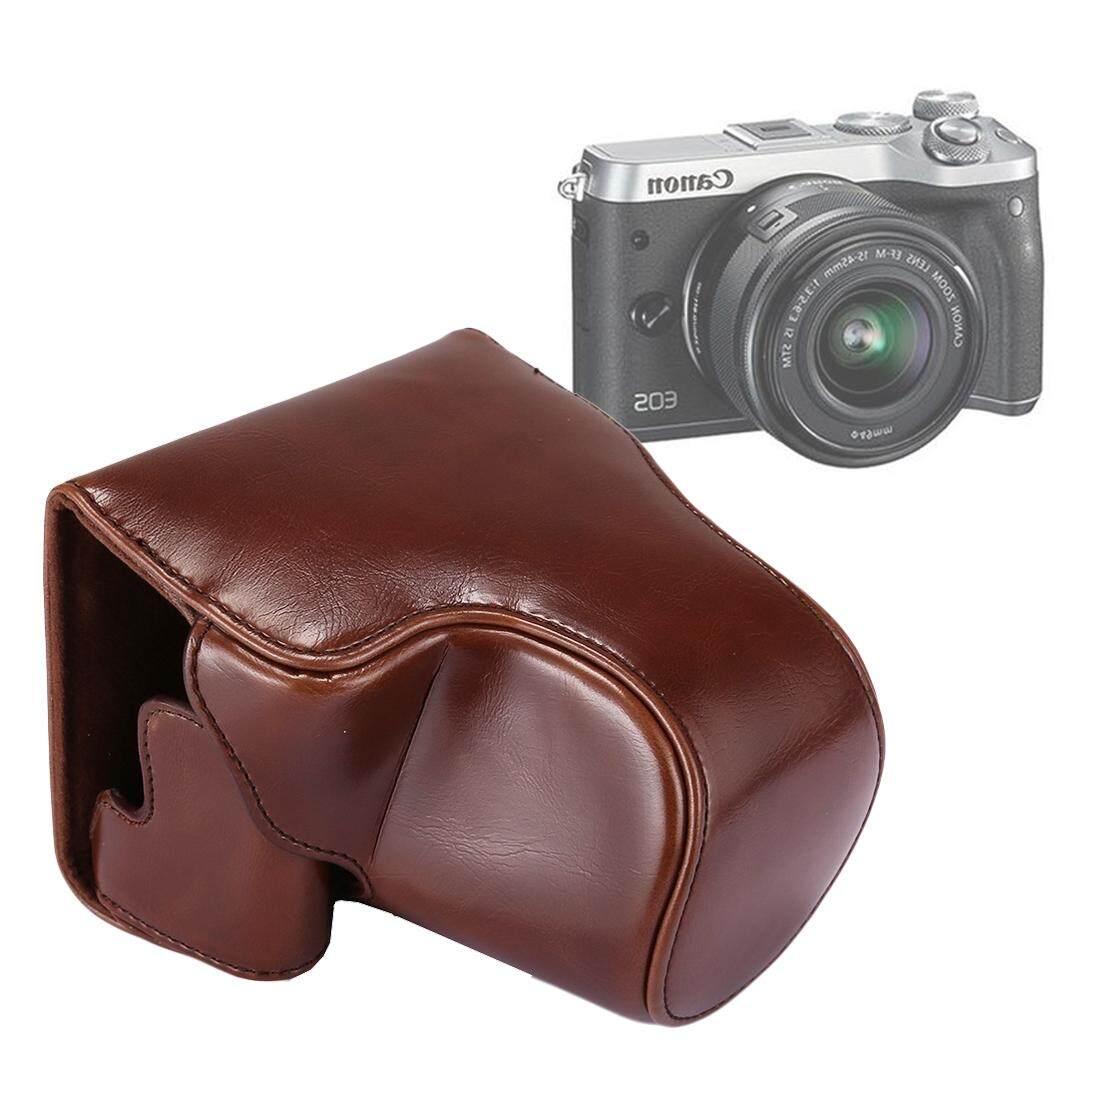 Penuh Tubuh Kamera PU Kulit Kasus Tas dengan Tali untuk Canon EOS M6 (Kopi)-Internasional